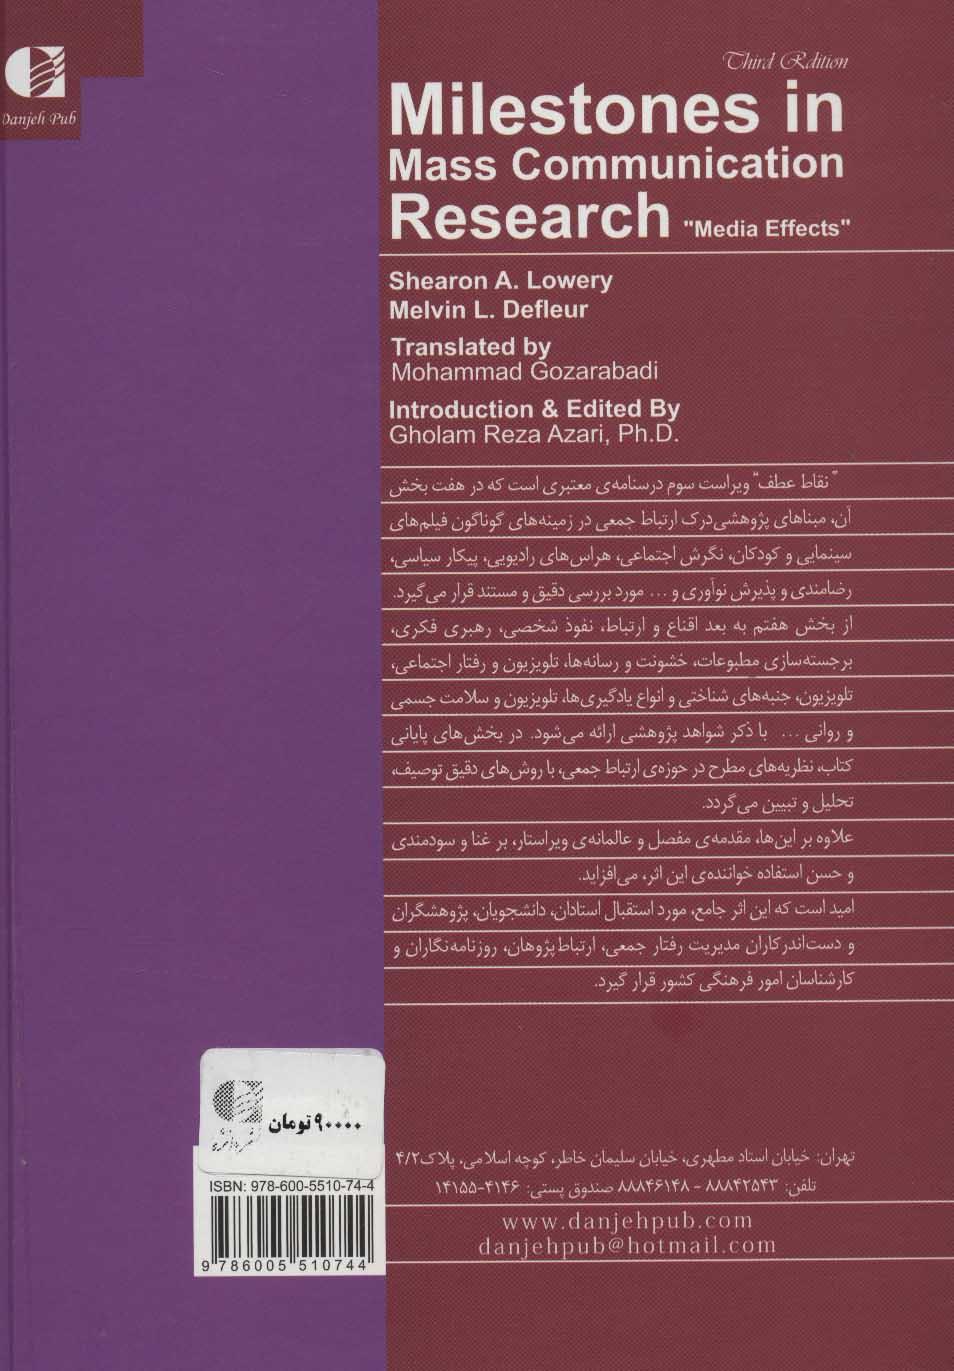 نقاط عطف در پژوهش های ارتباط جمعی (تاثیرات رسانه)